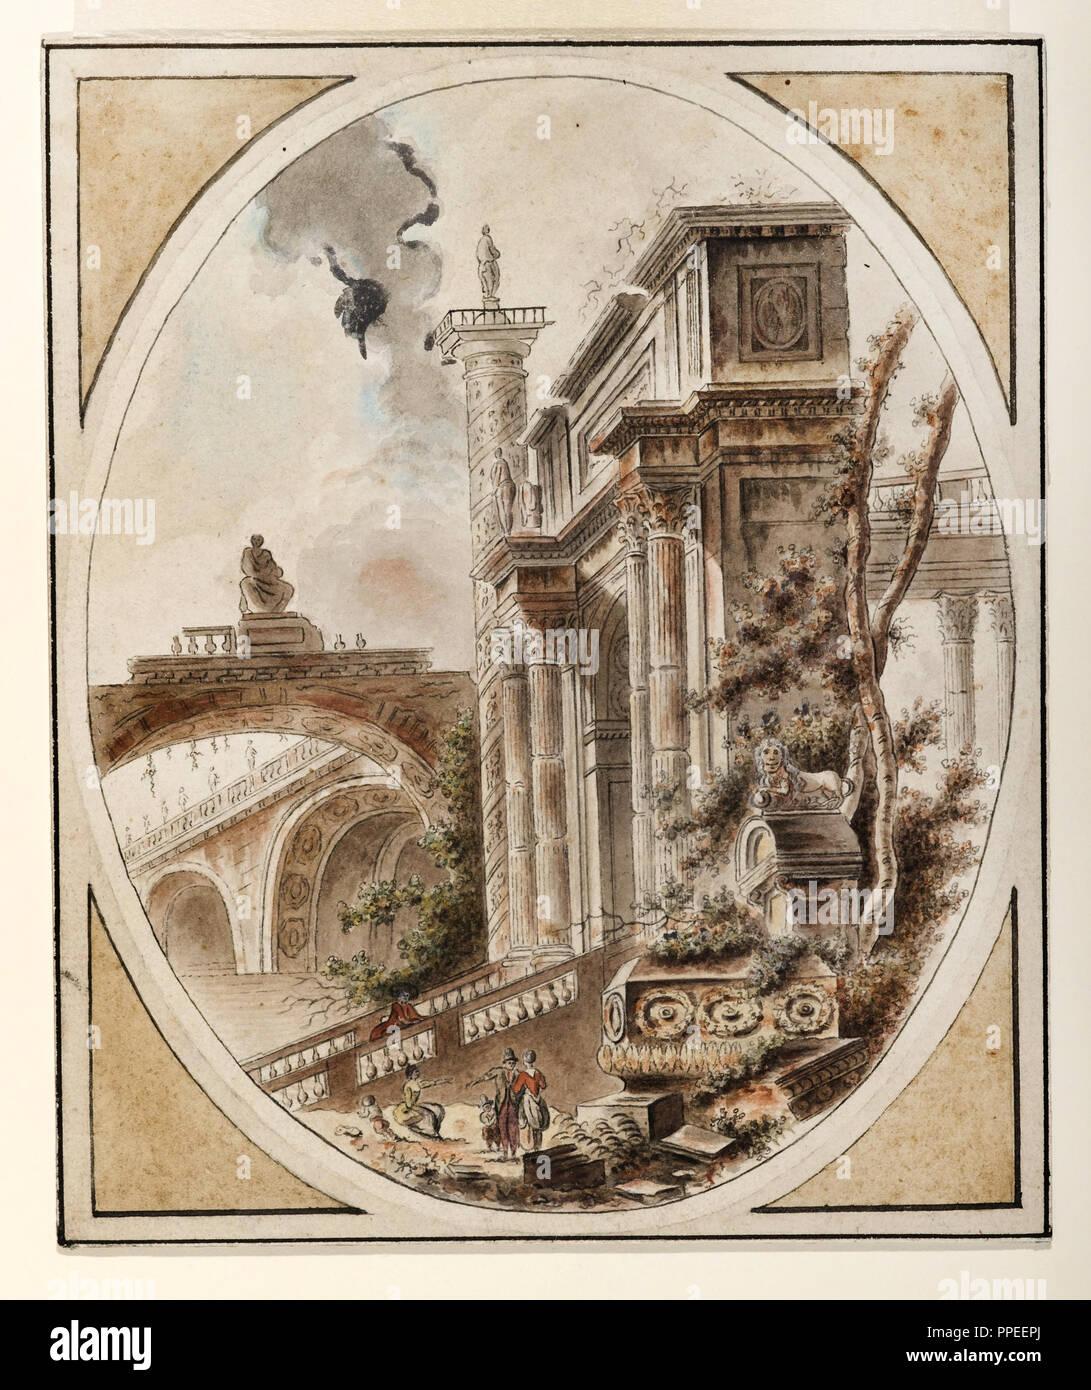 Jean-Henry-Alexandre Pernet, fantasme d'une ruine d'architecture. Vers 1770. Plume et encre noire, aquarelle, gouache blanche. Cooper Hewitt, Smithsonian de Photo Stock